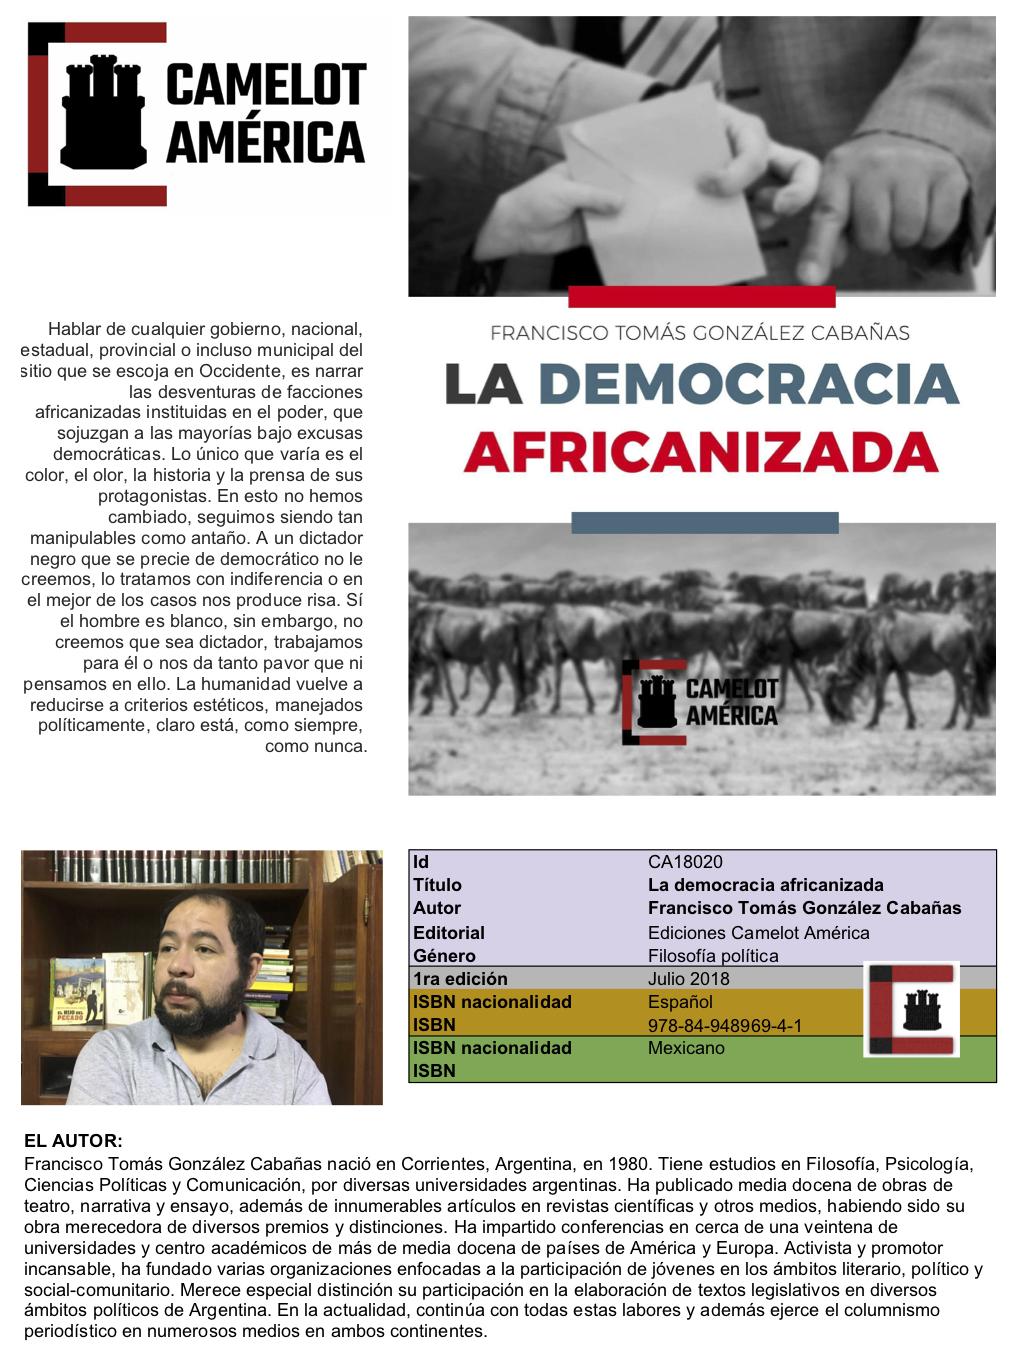 La democracia africanizada o de nuestros estados migrantes de lo democrático.